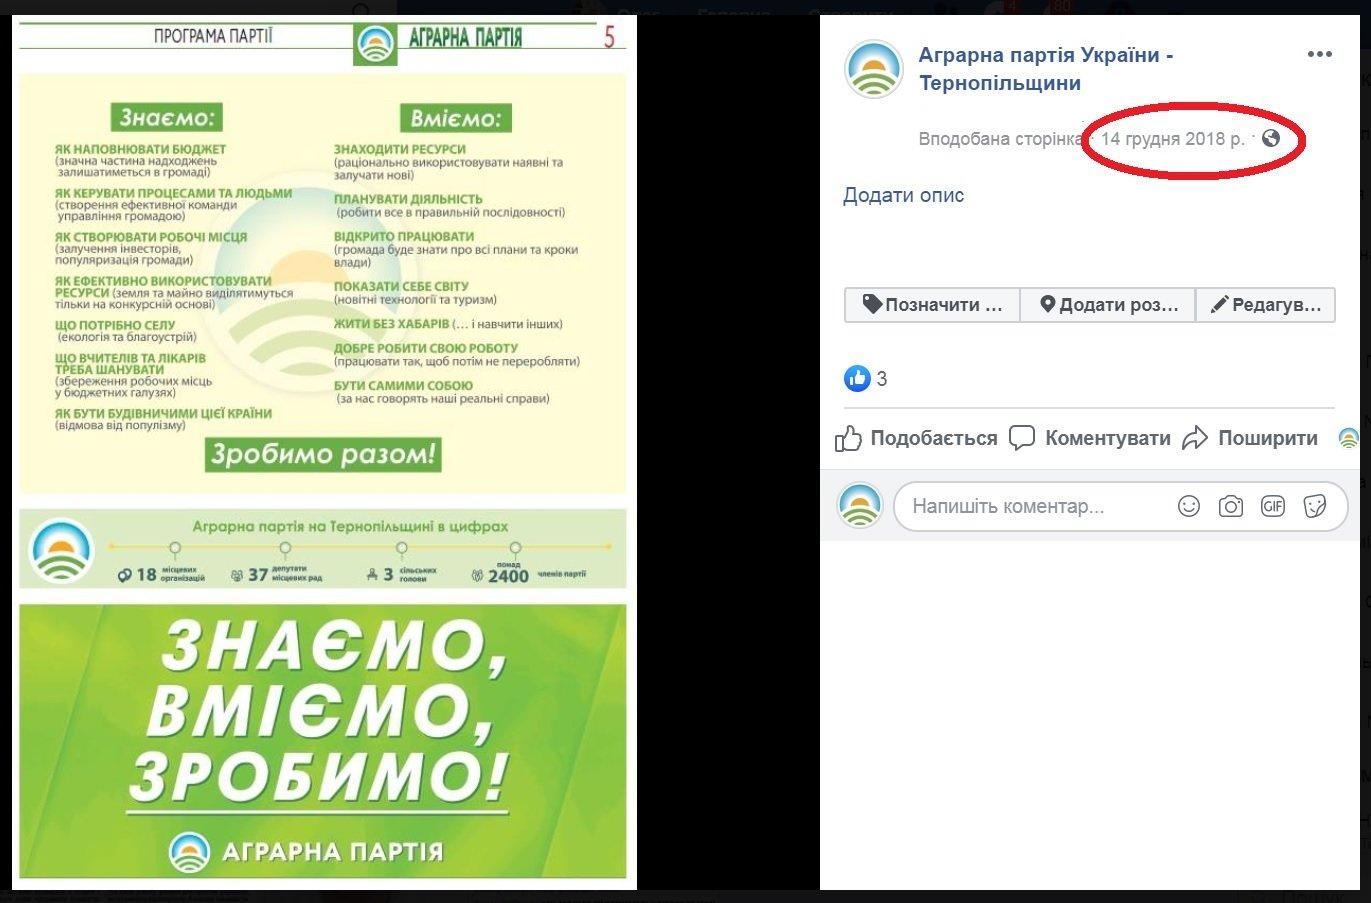 """Політичний плагіат: в партії на Тернопільщині """"позичили"""" передвиборче гасло (фото), фото-1"""